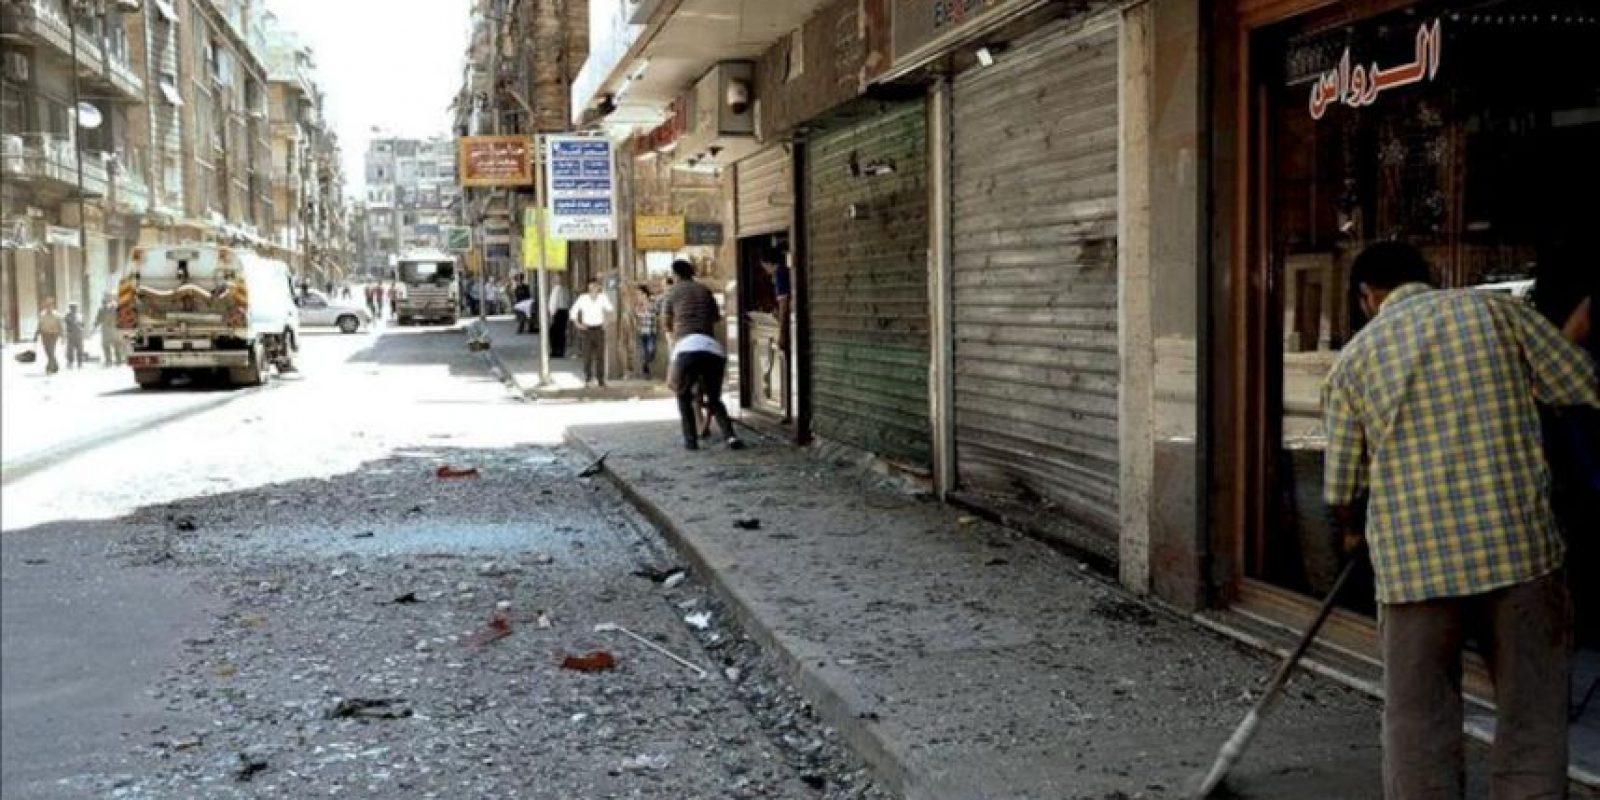 Una fotografía distribuída por la Agencia Árabe de Noticias Siria (SANA) que muestra a un hombre limpiando los escombros junto a su comercio, después de la explosión de una bomba, en en Aleppo, Siria. EFE